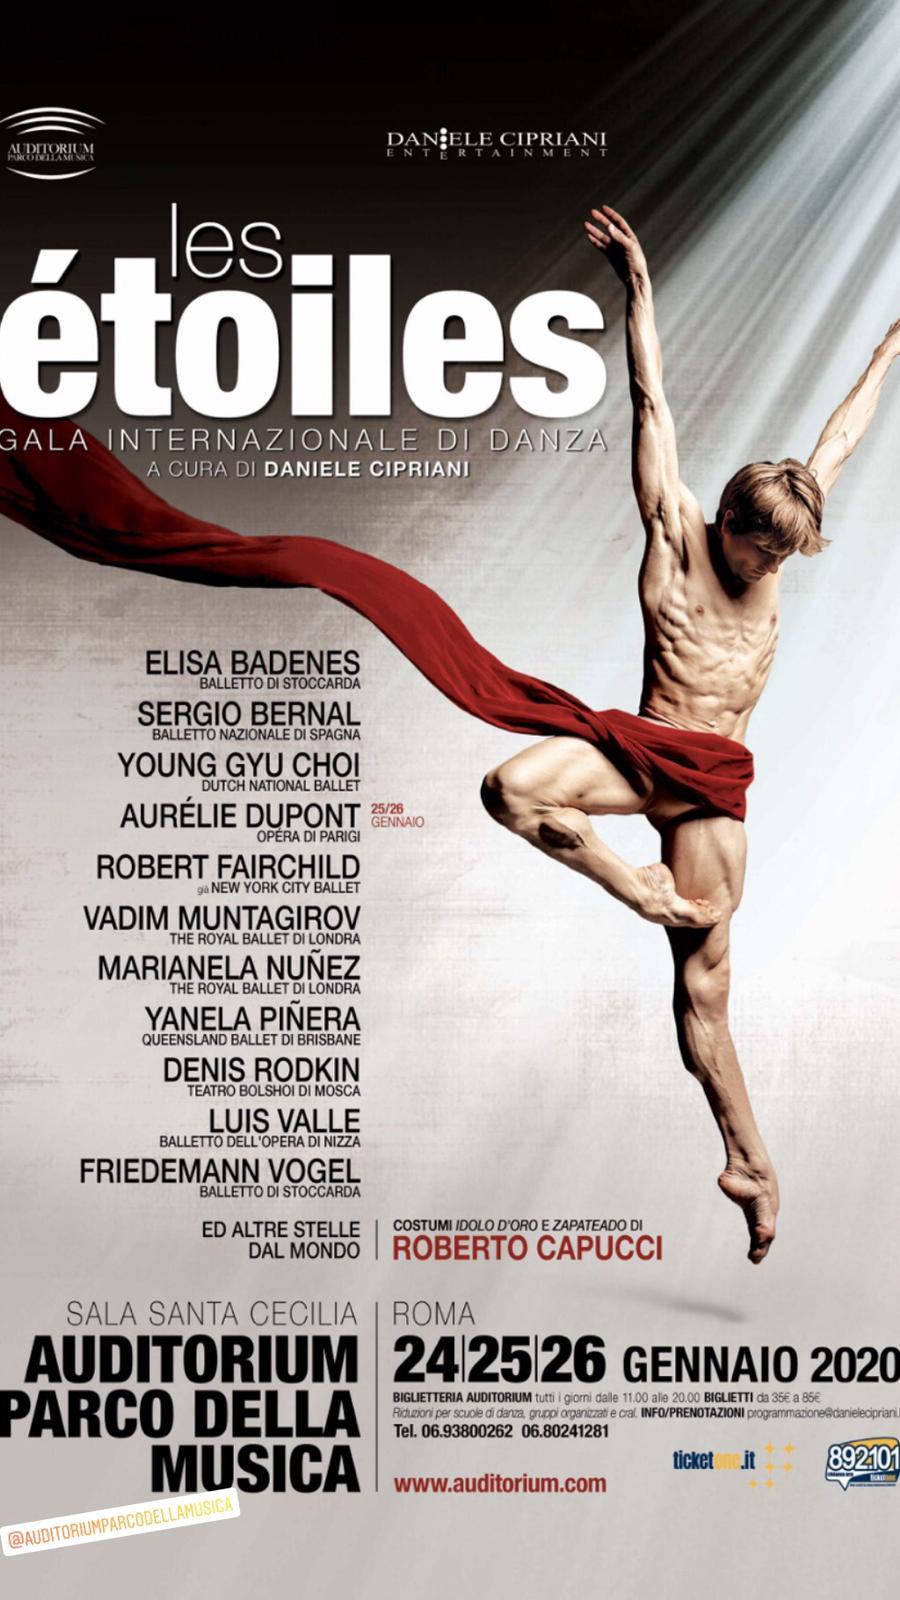 Les Etoiles Gala Internazionale Di Danza Biglietti Scontati Per Gli Studenti Dell And Accademia Nazionale Di Danza